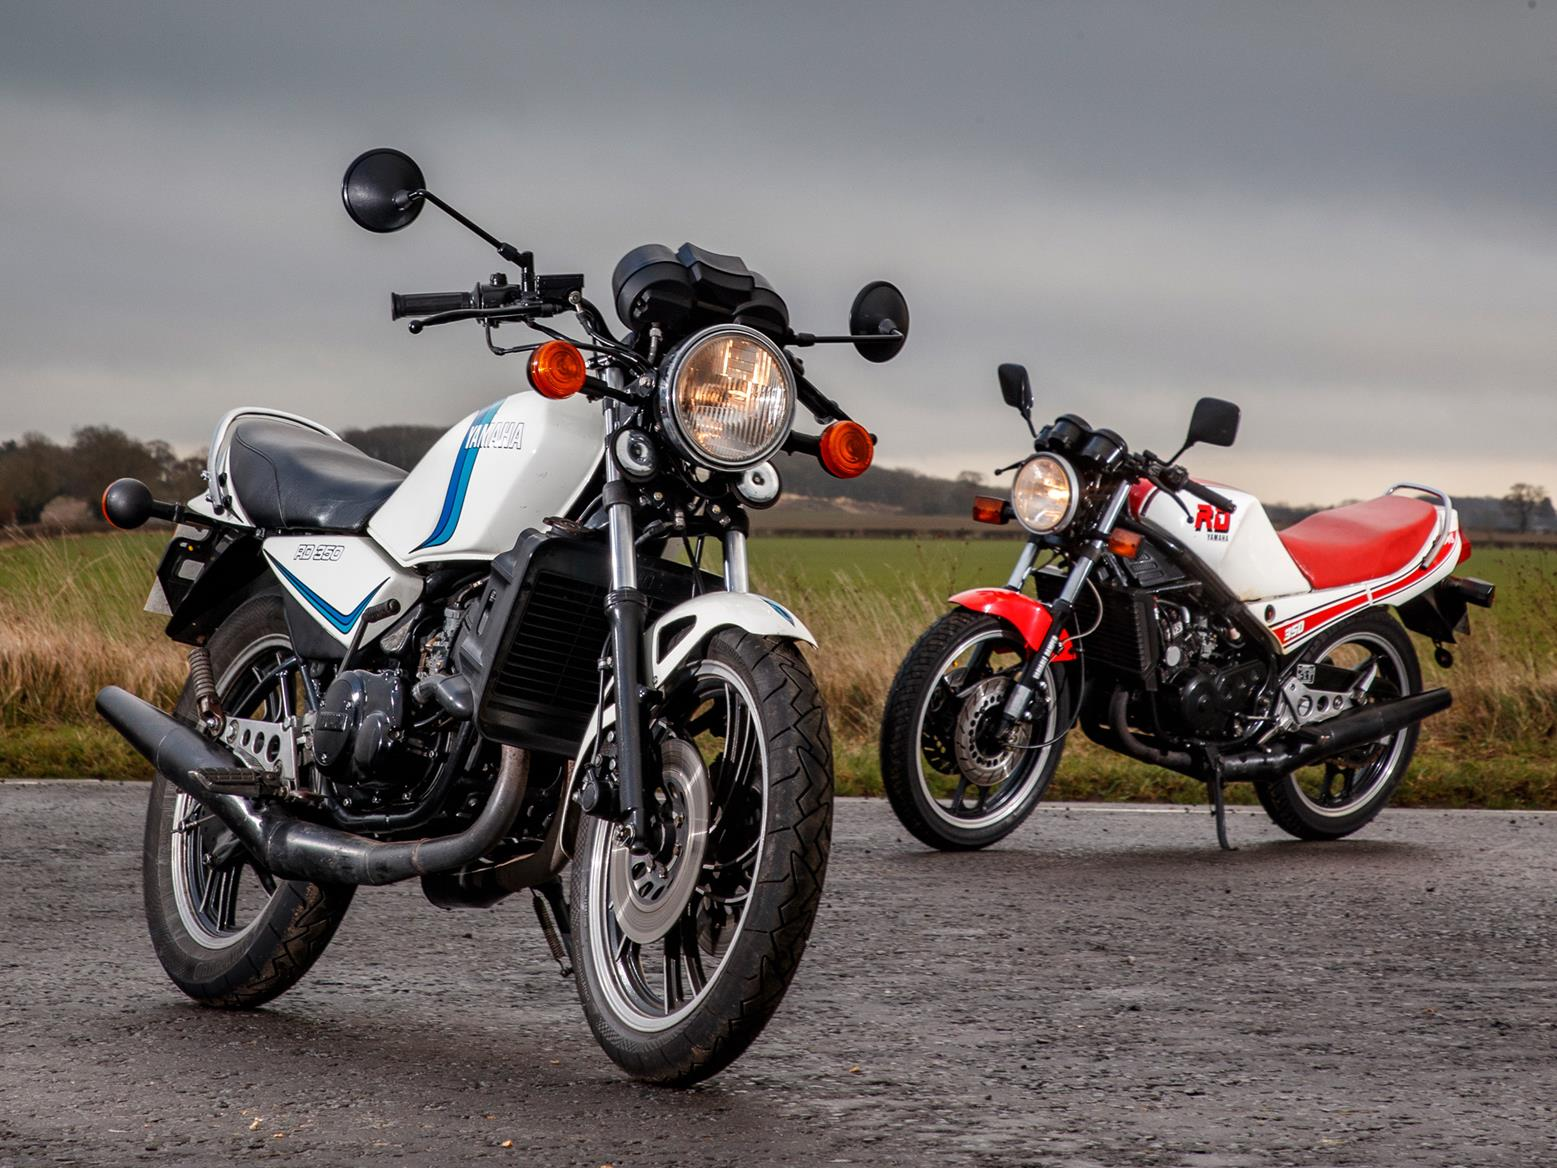 1980 Yamaha RD350LC vs 1985 Yamaha RD350N